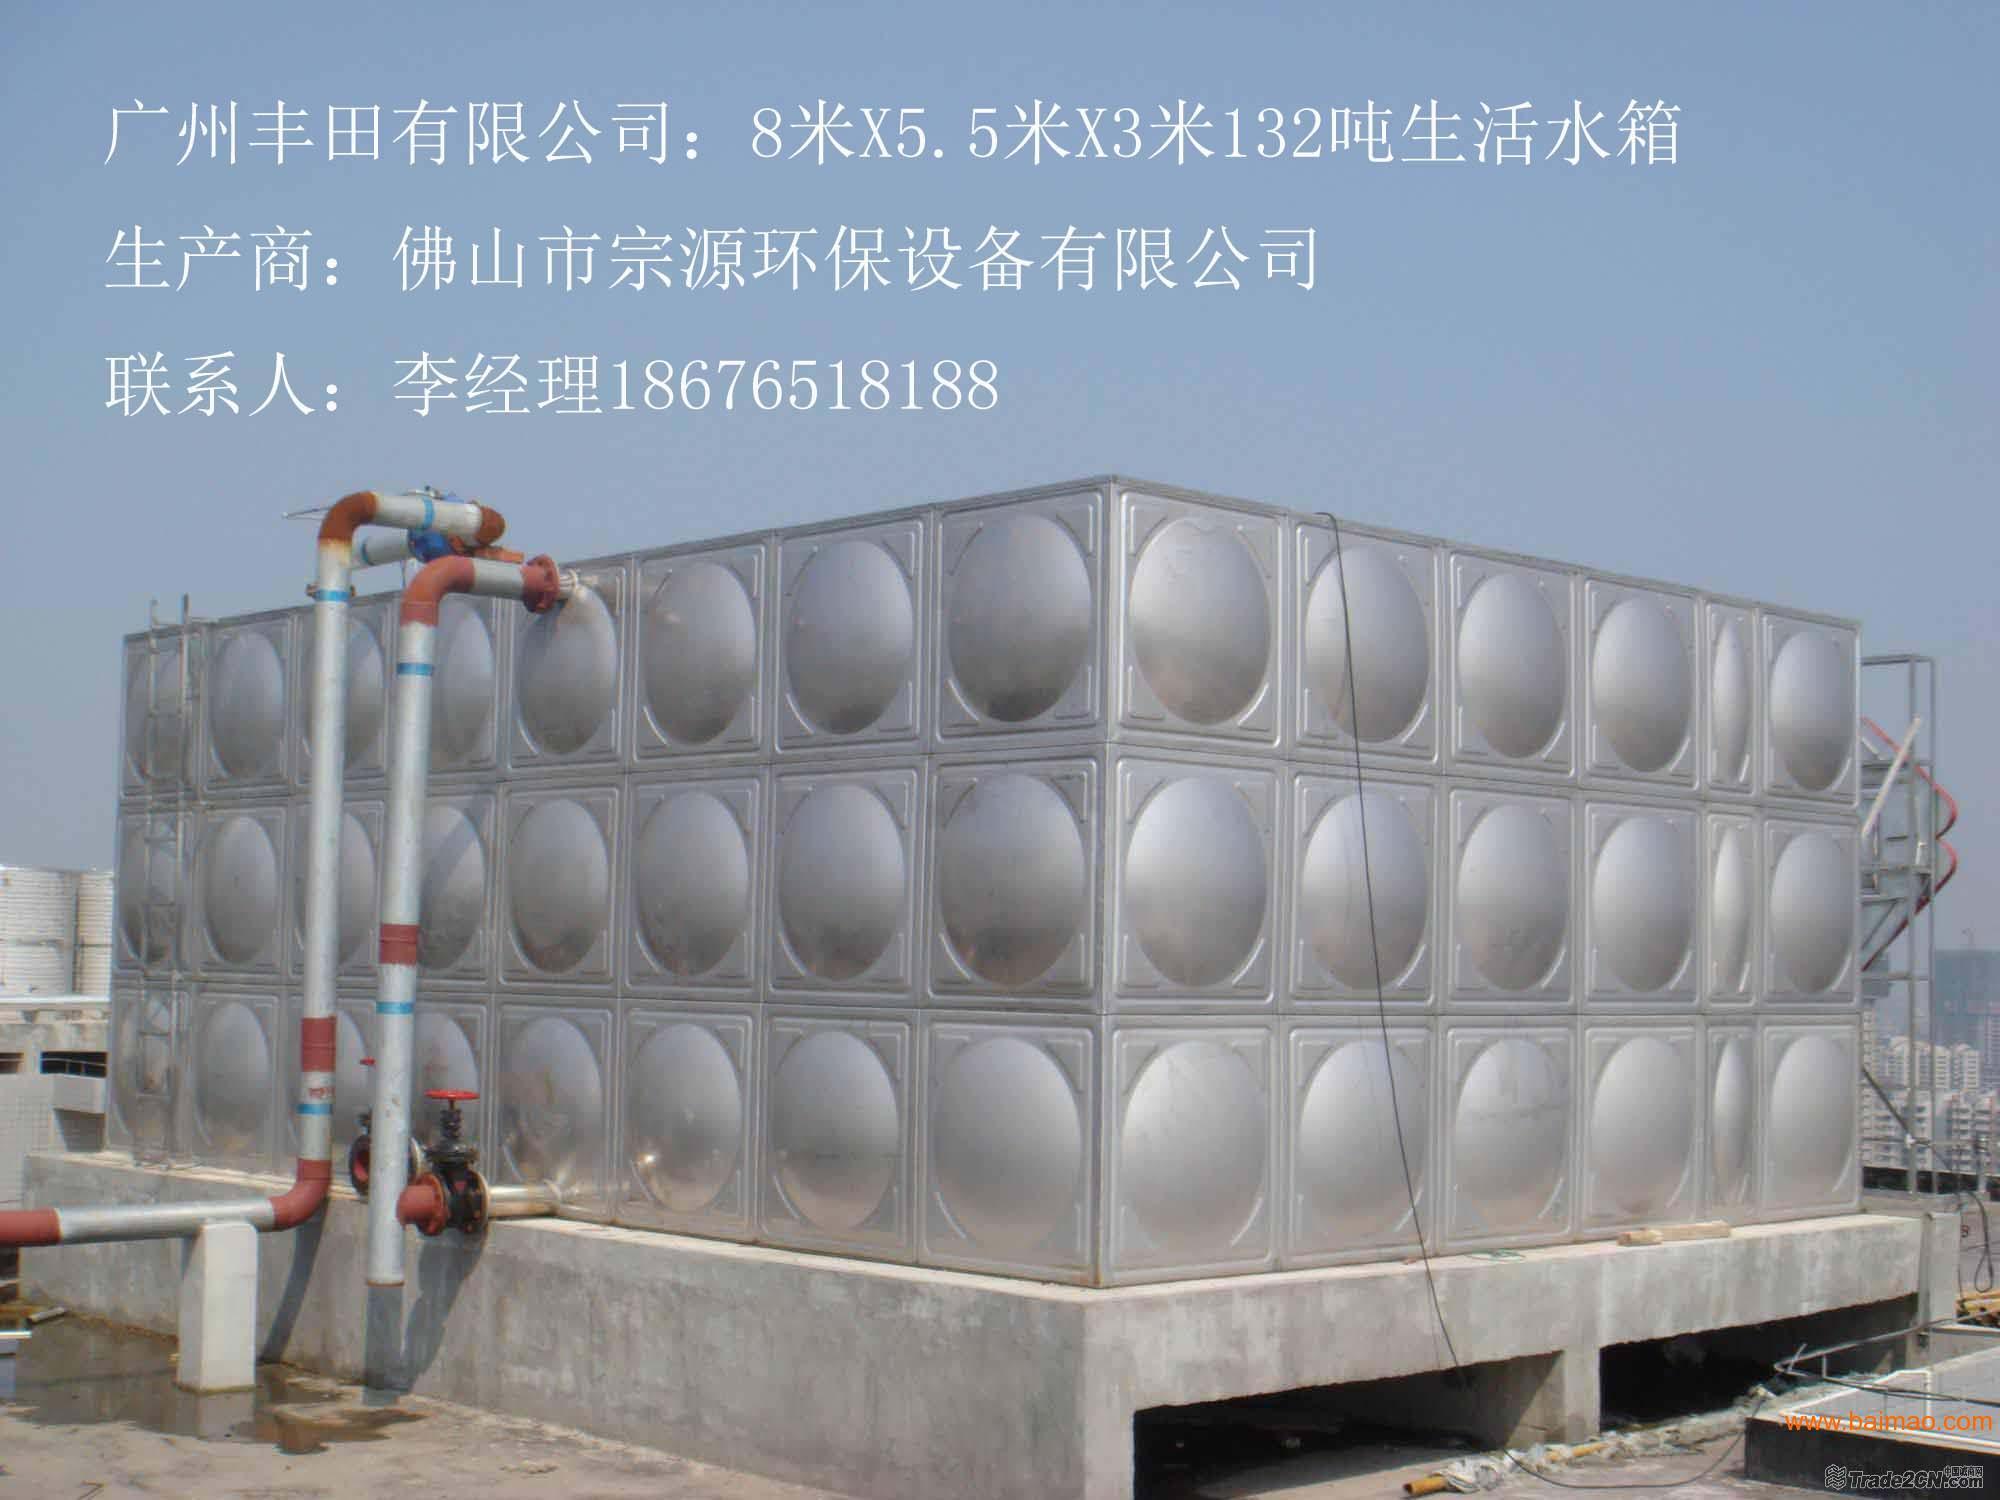 不锈钢水箱厂商 2012 05 高清图片